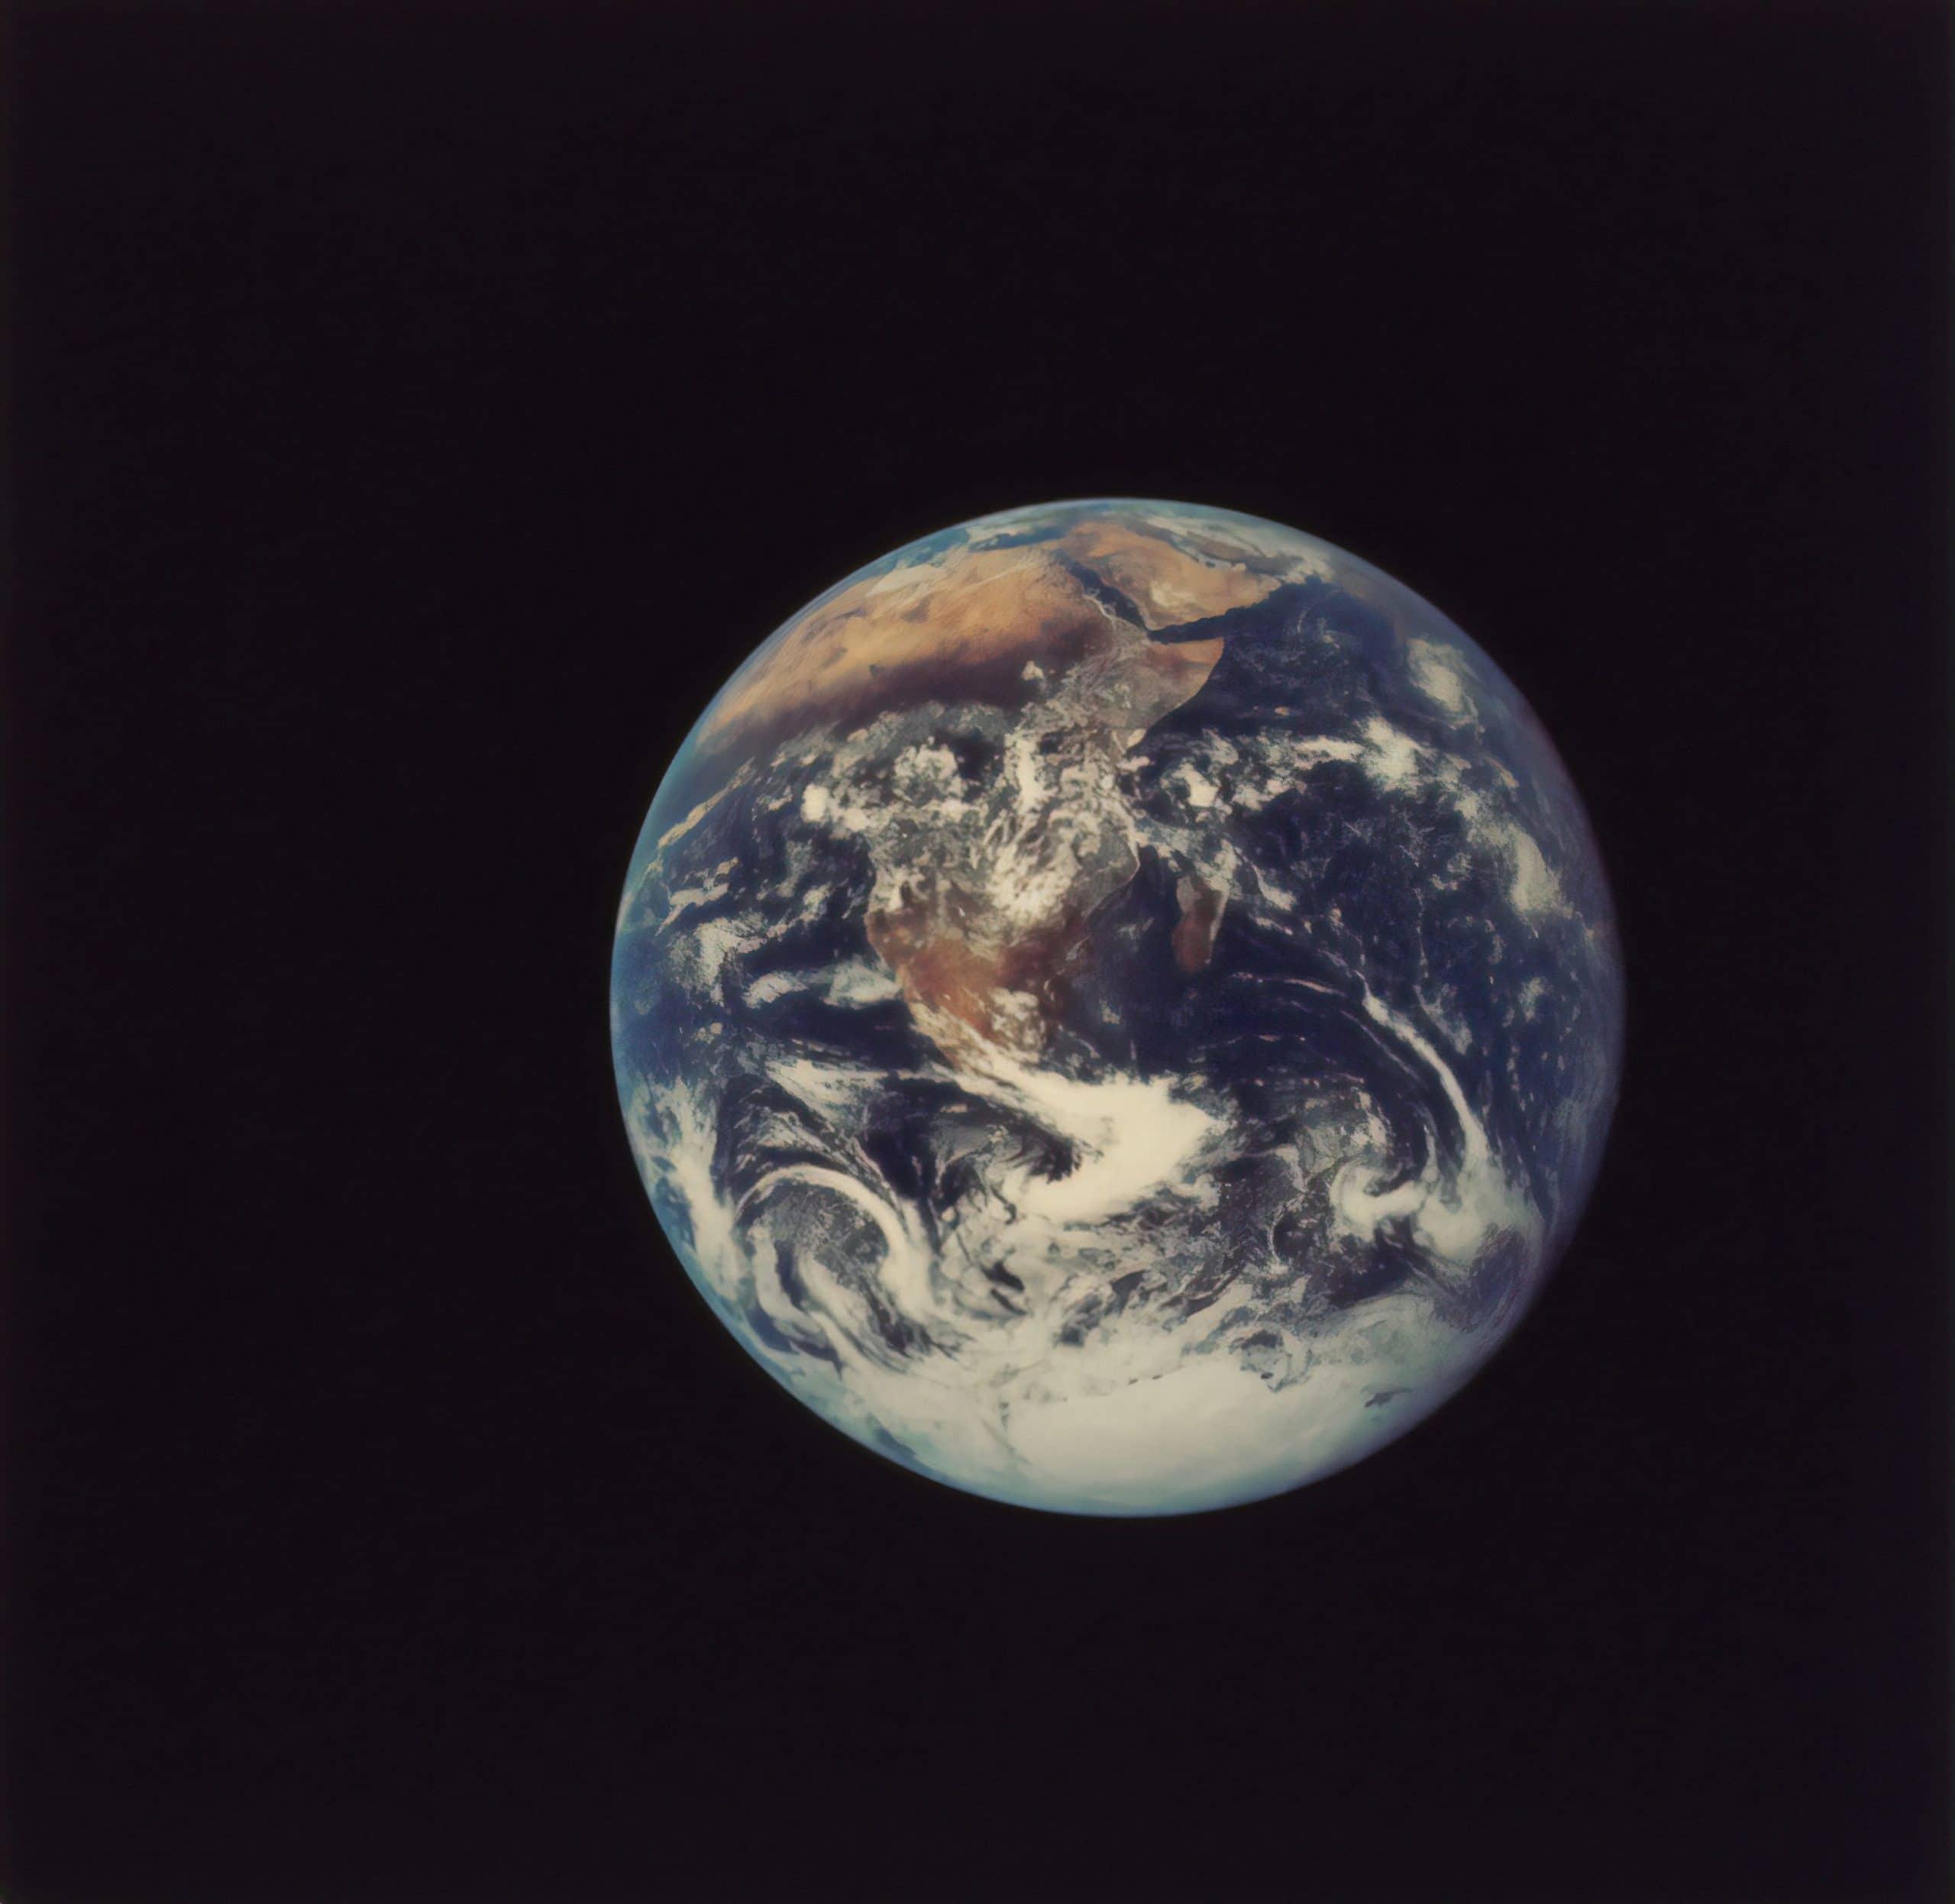 Terra vista de longe no espaço